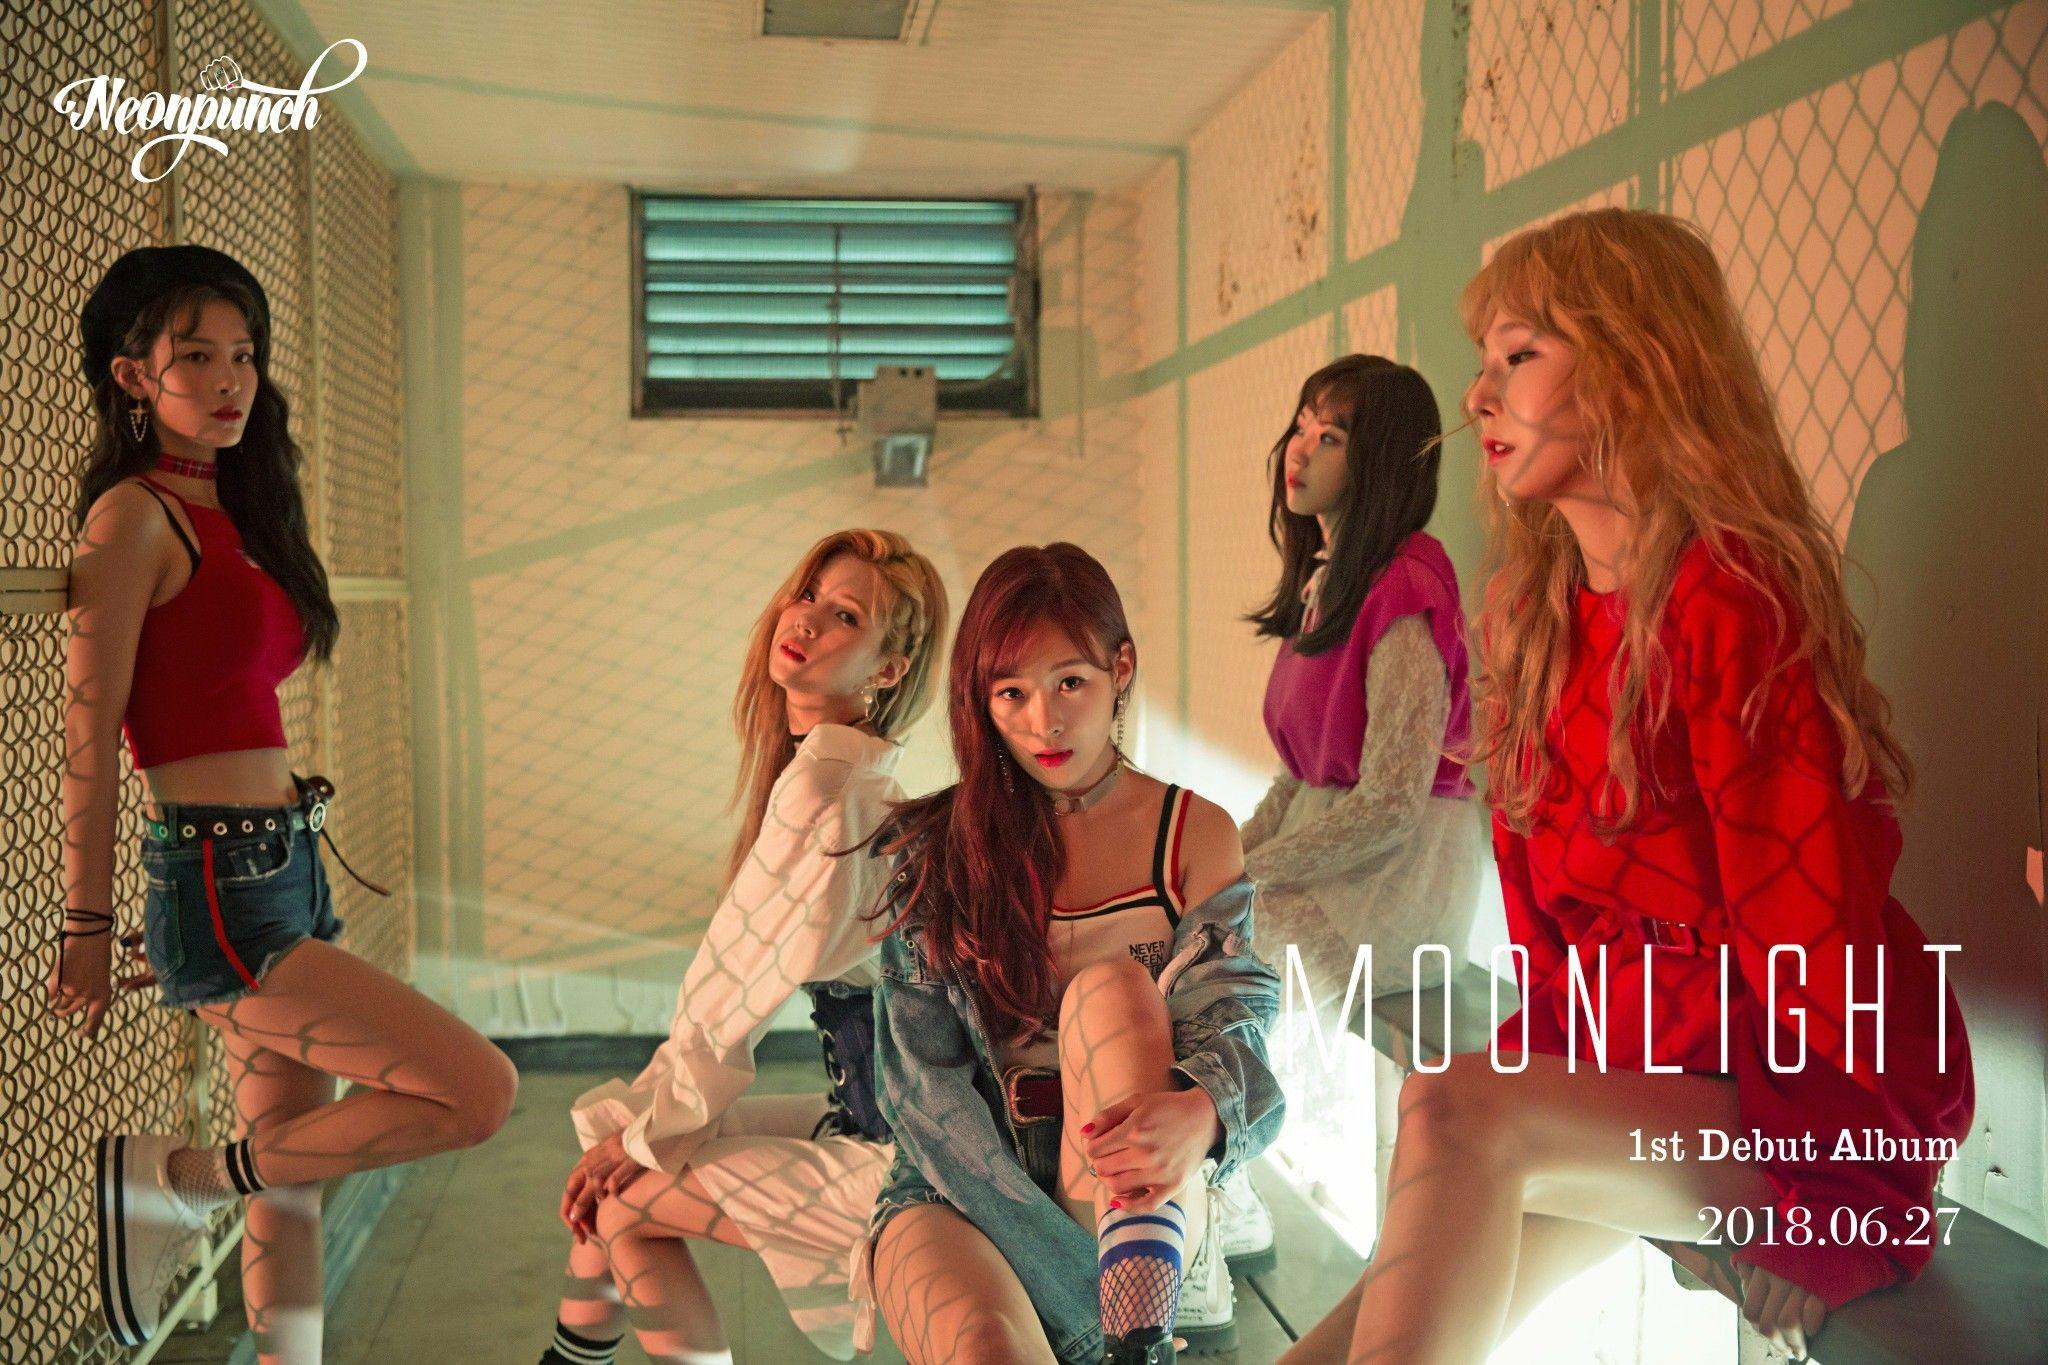 Neonpunch 네온펀치 (With images) Kpop girls, Debut album, Album